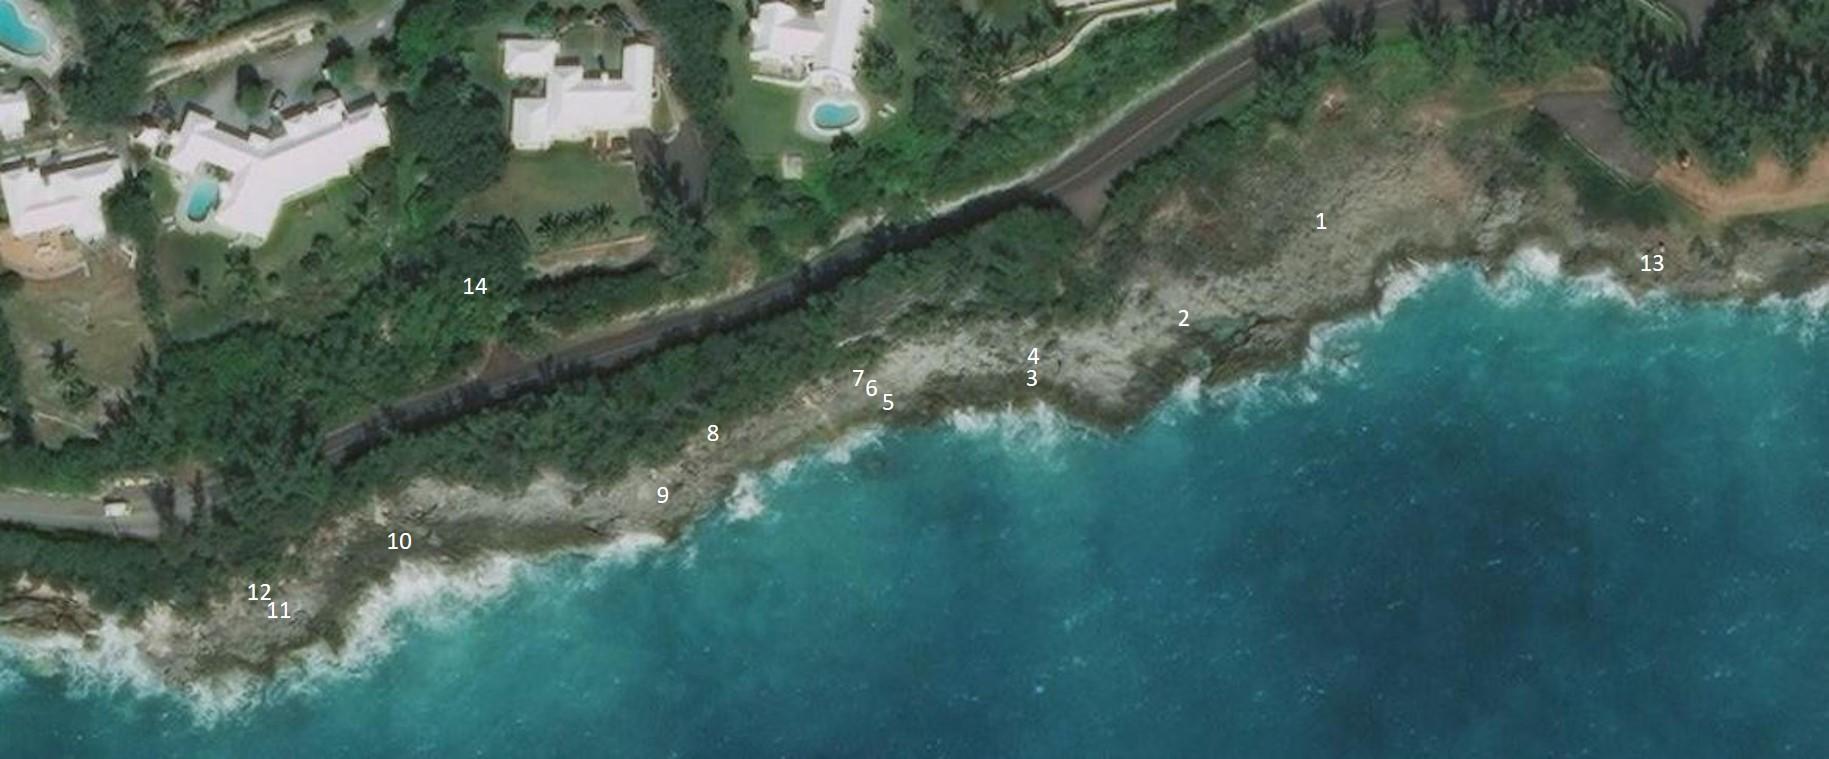 Location satellite image